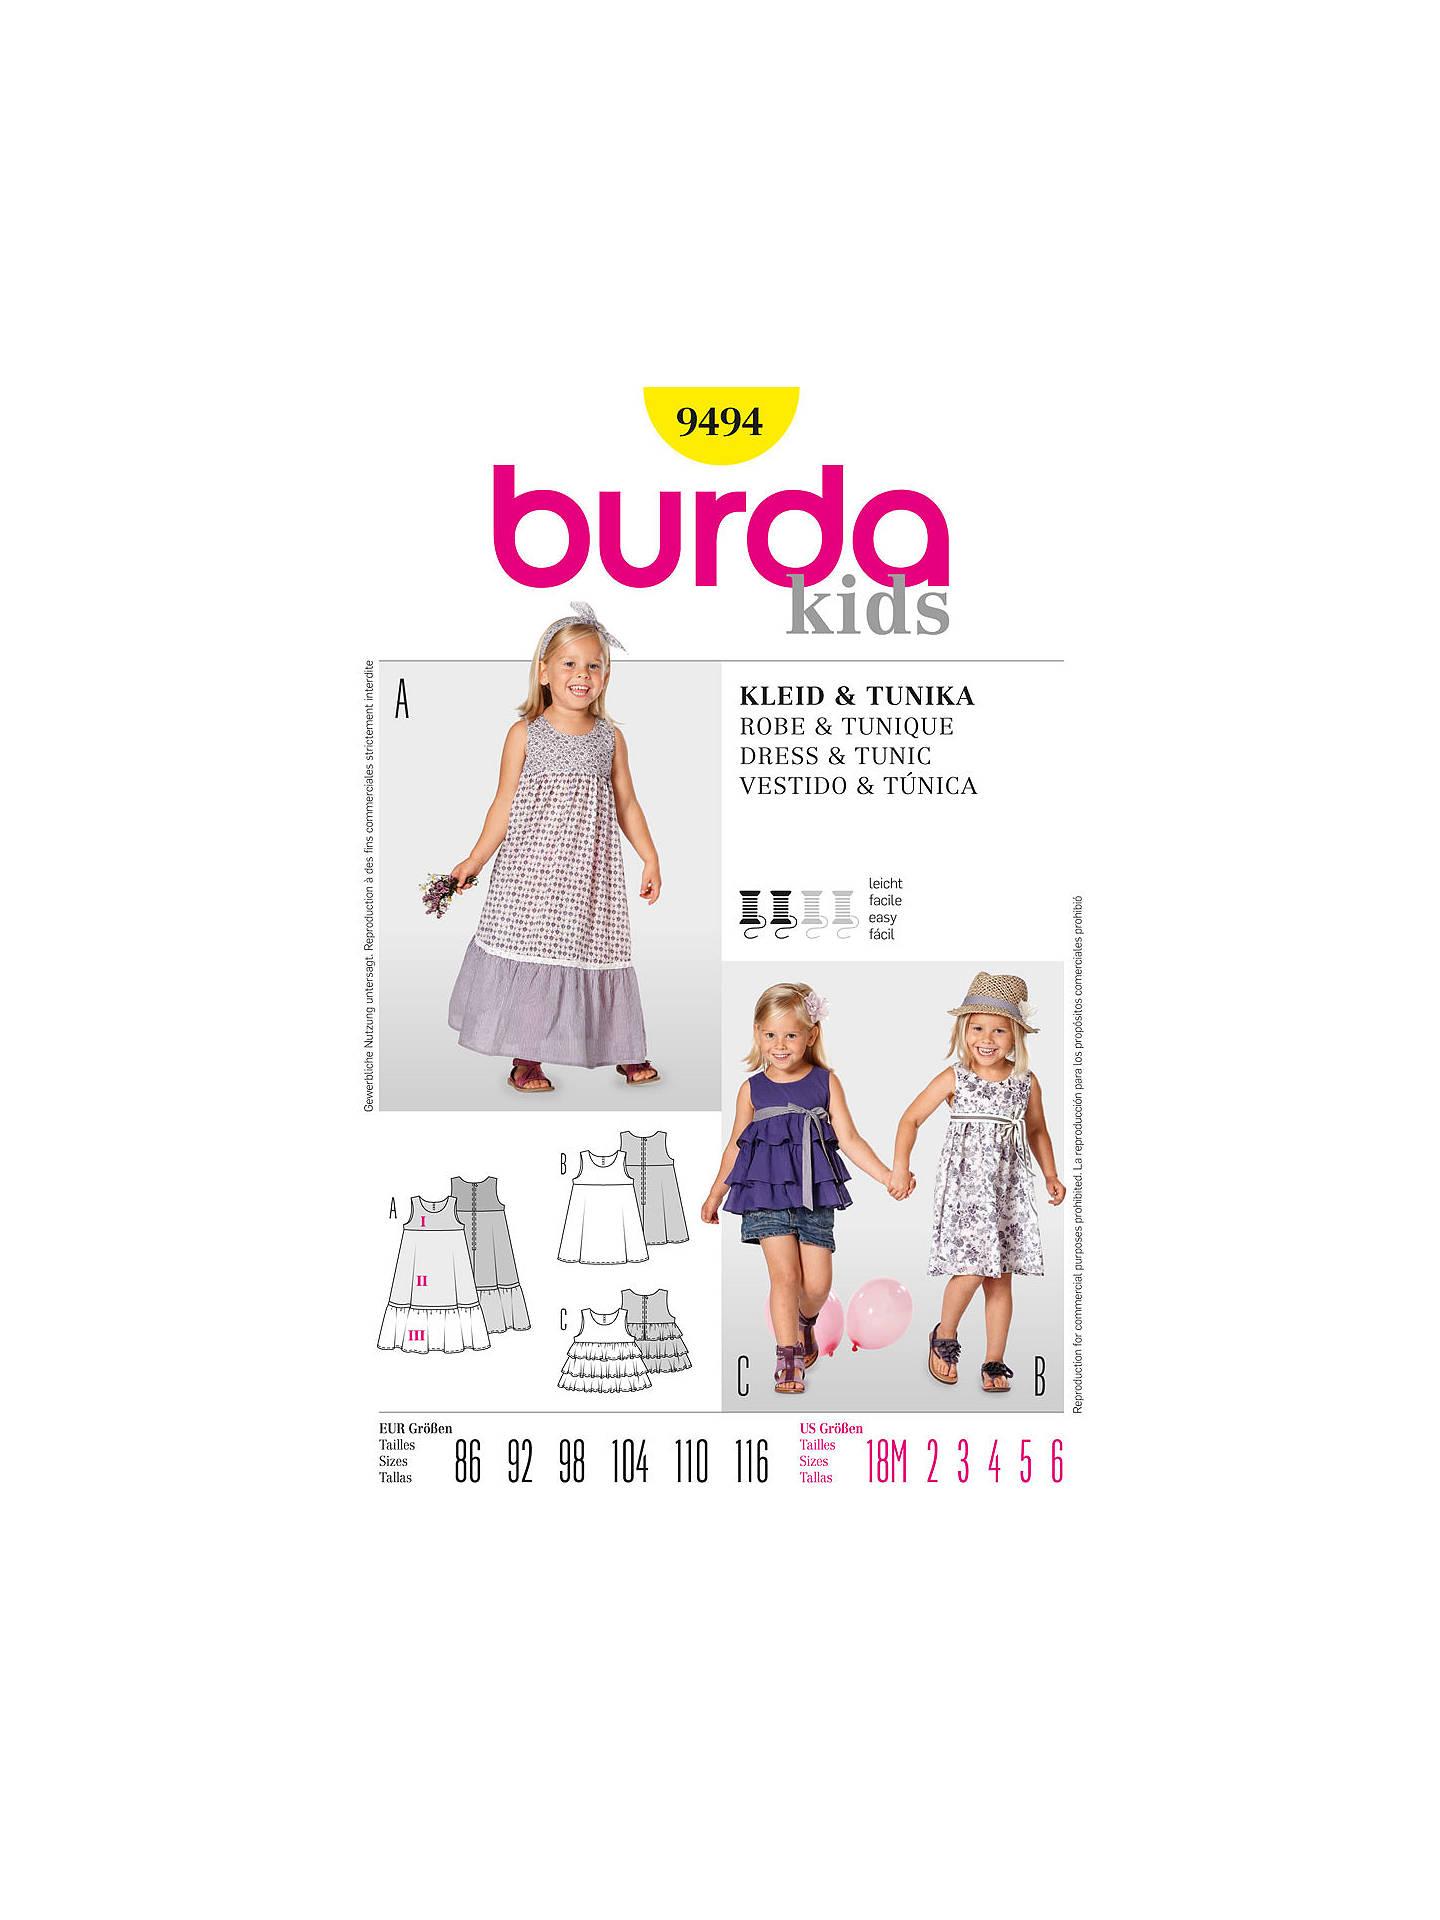 burda girl's dress and tunic sewing pattern, 9494 at john